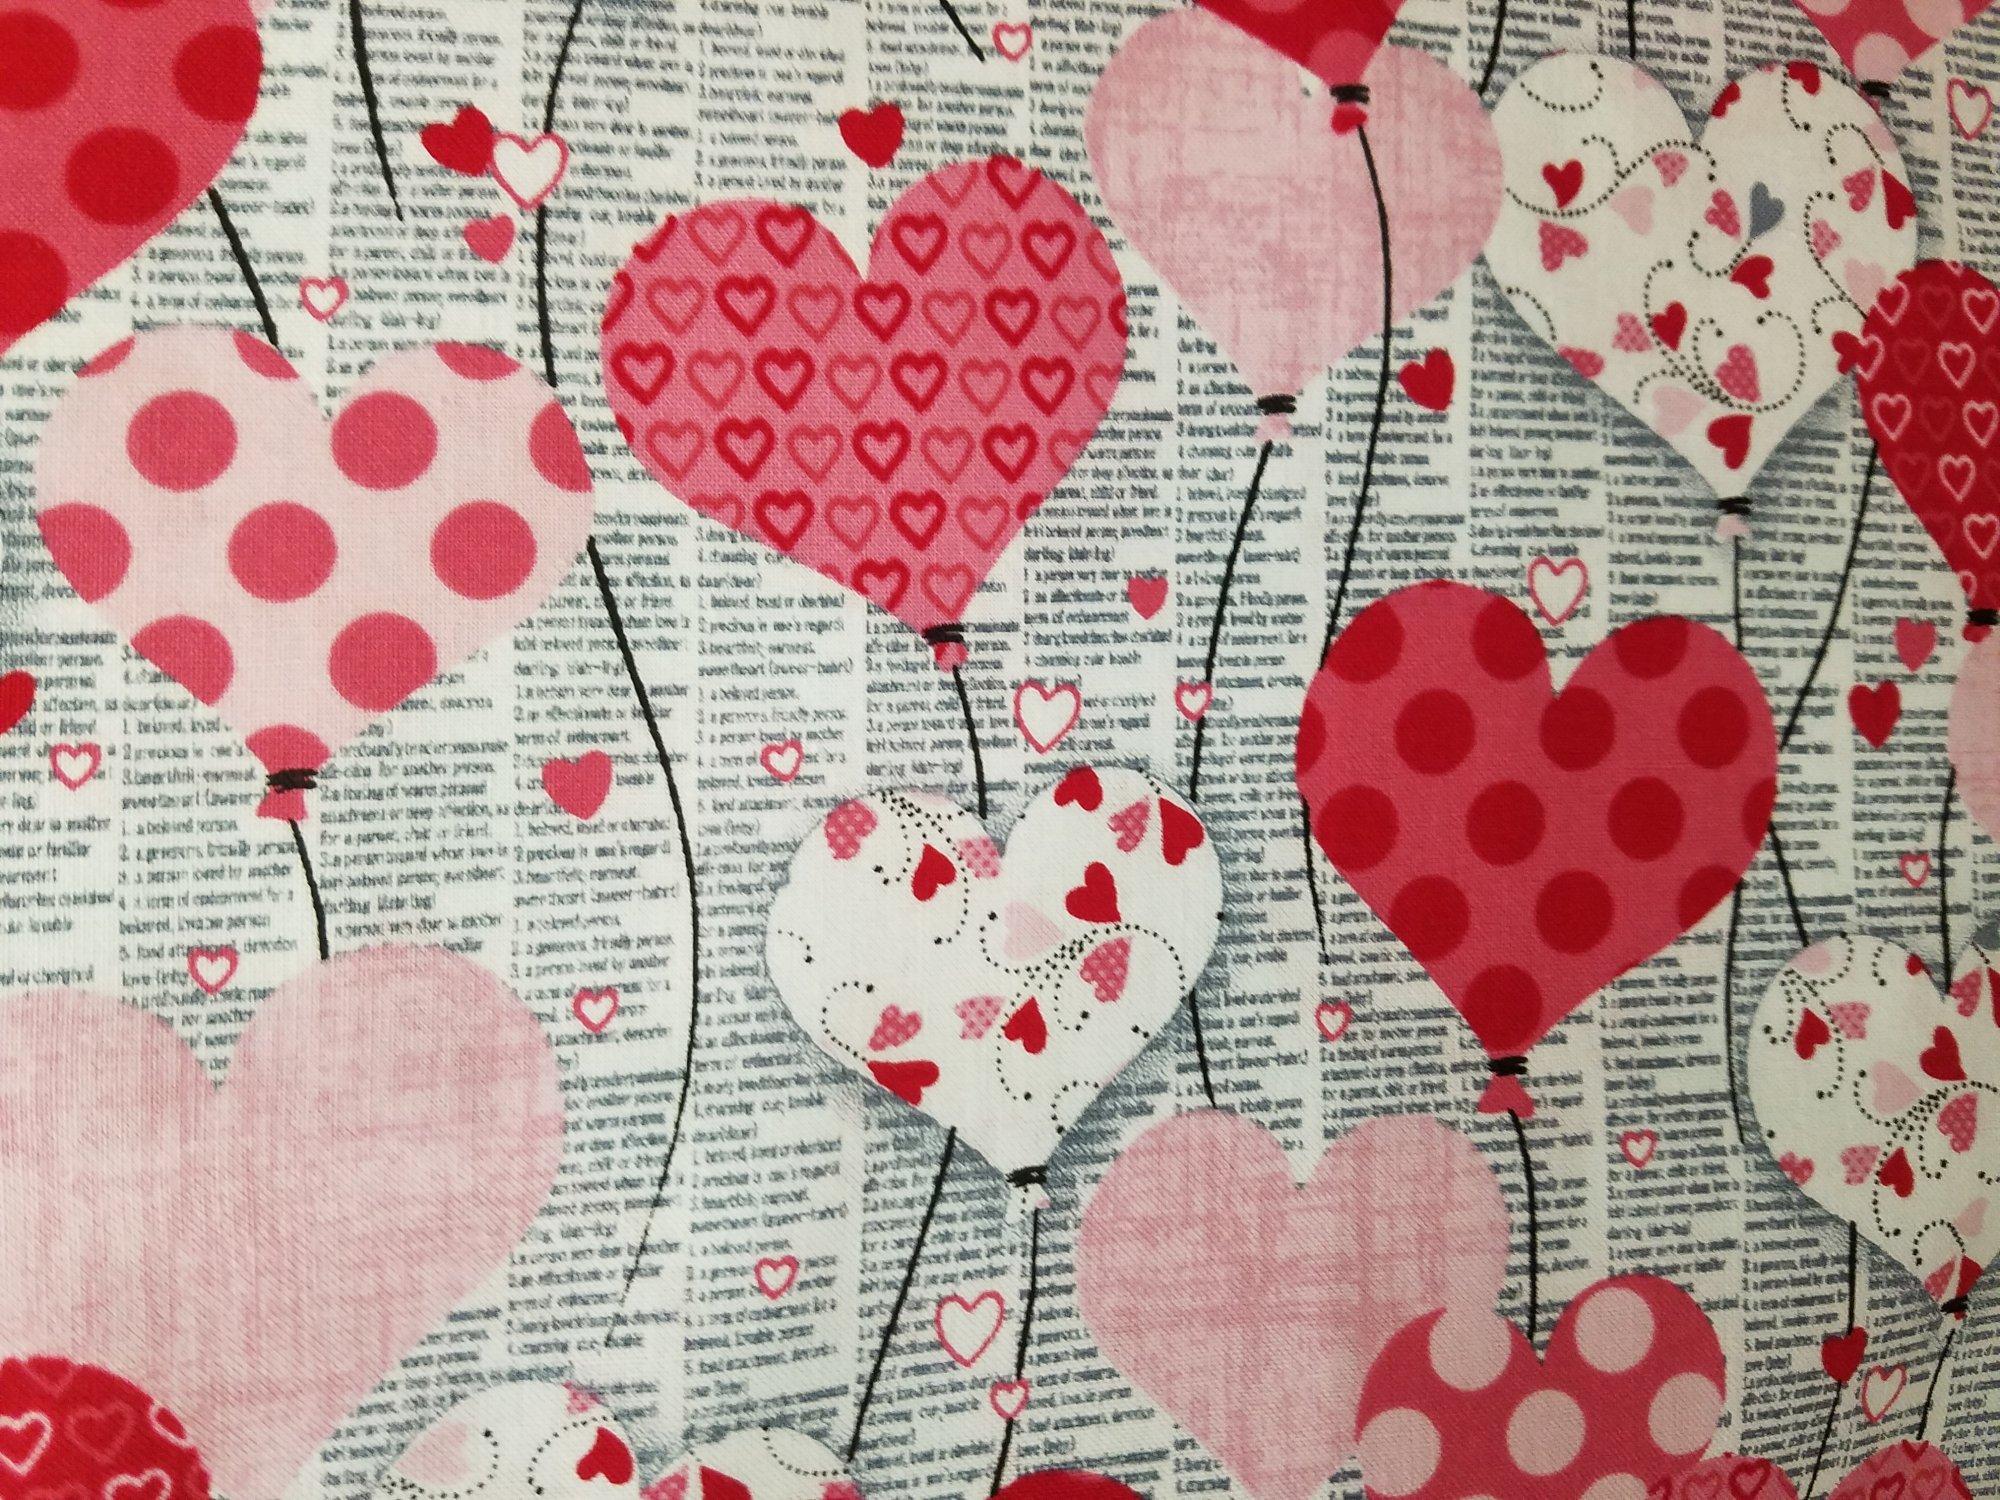 Dear Heart 3588-2